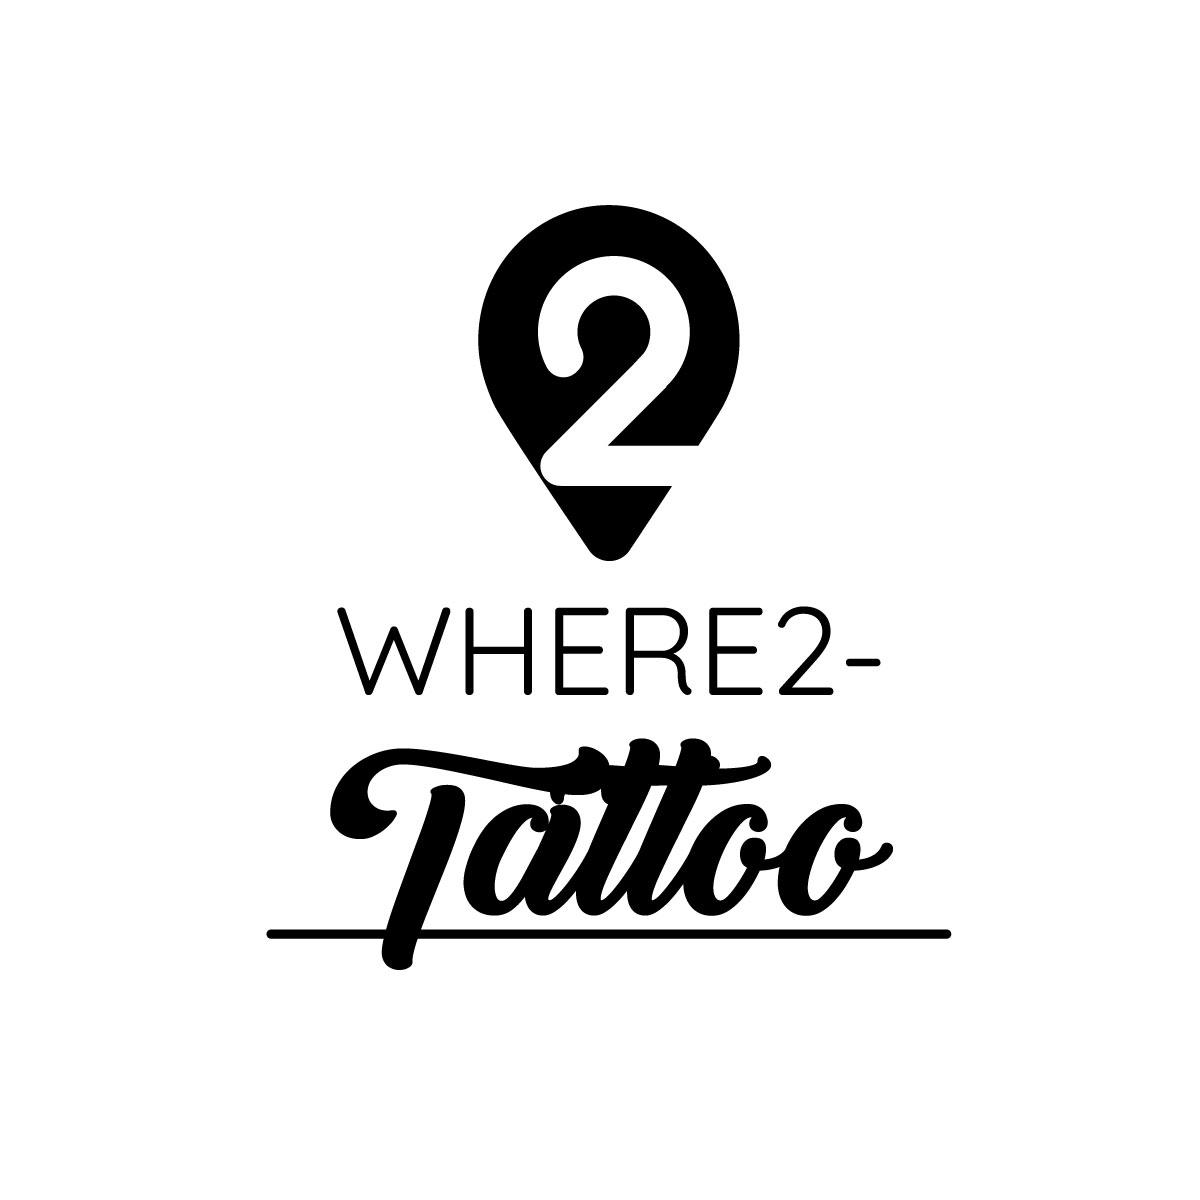 Logo Where2-tattoo